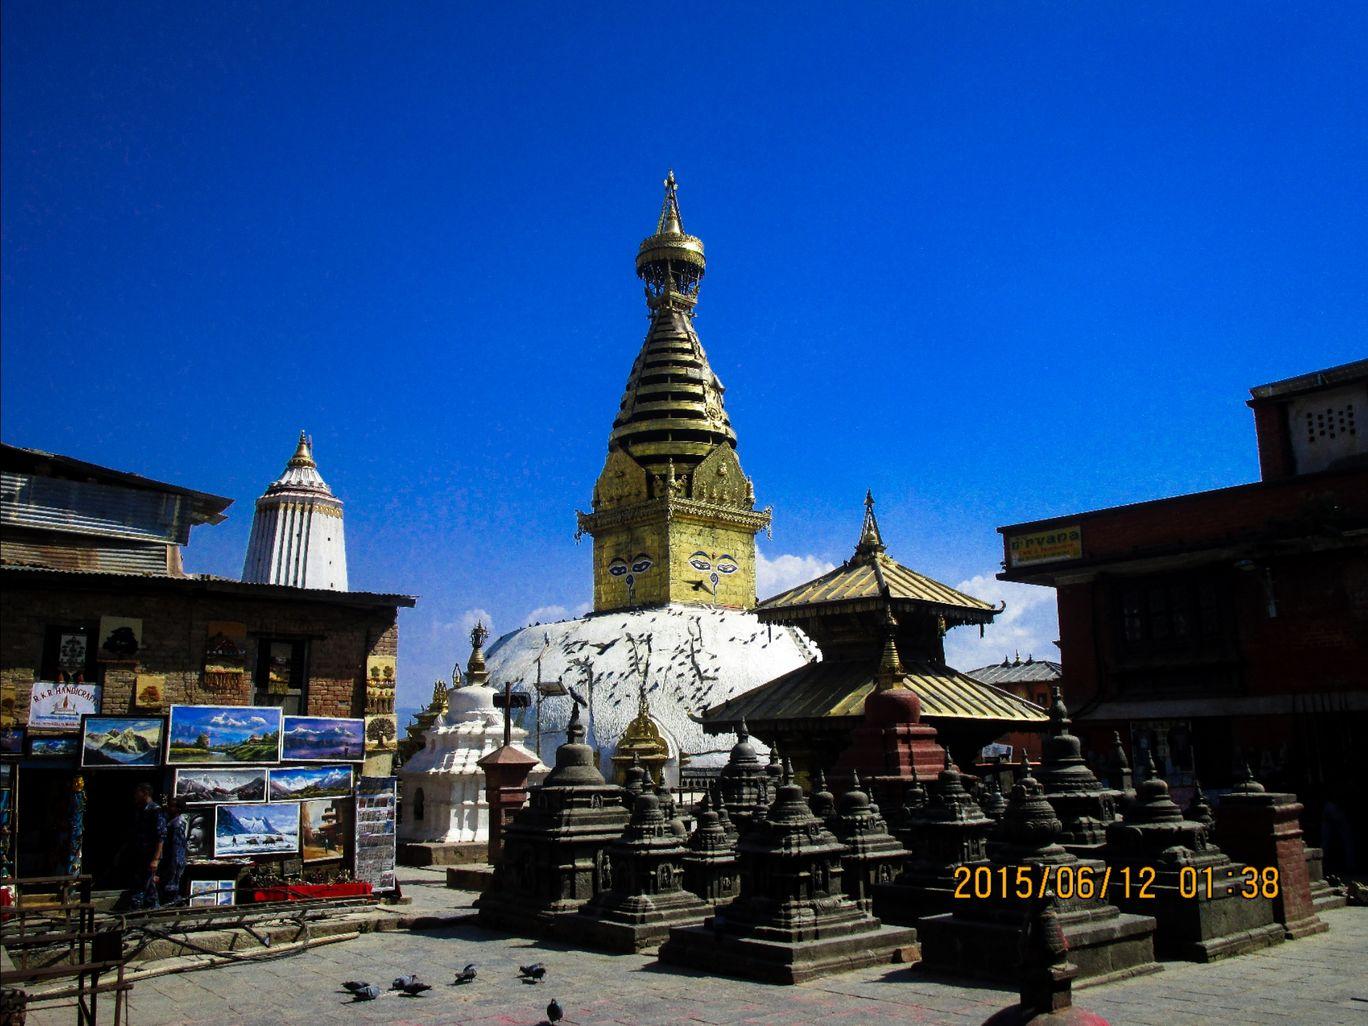 Photo of Swayambhunath Stupa By shiv shankar shah